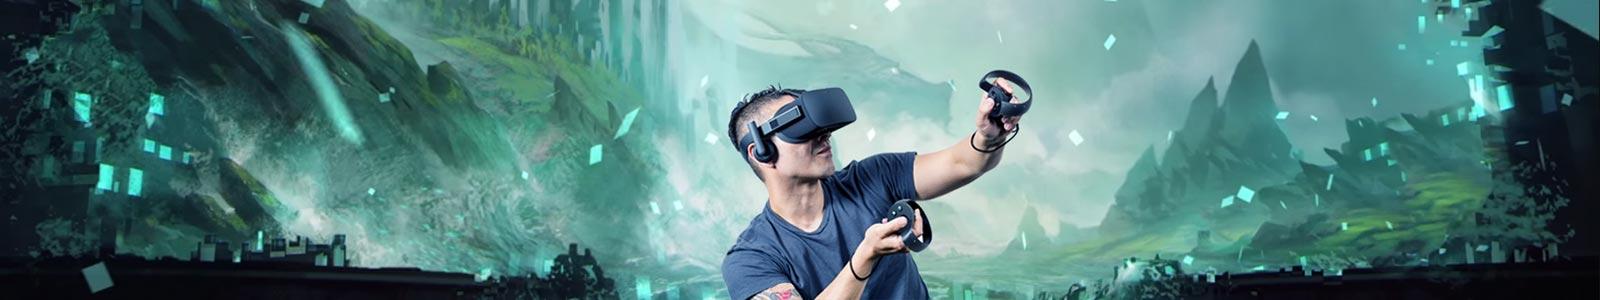 Expériences VR interactives